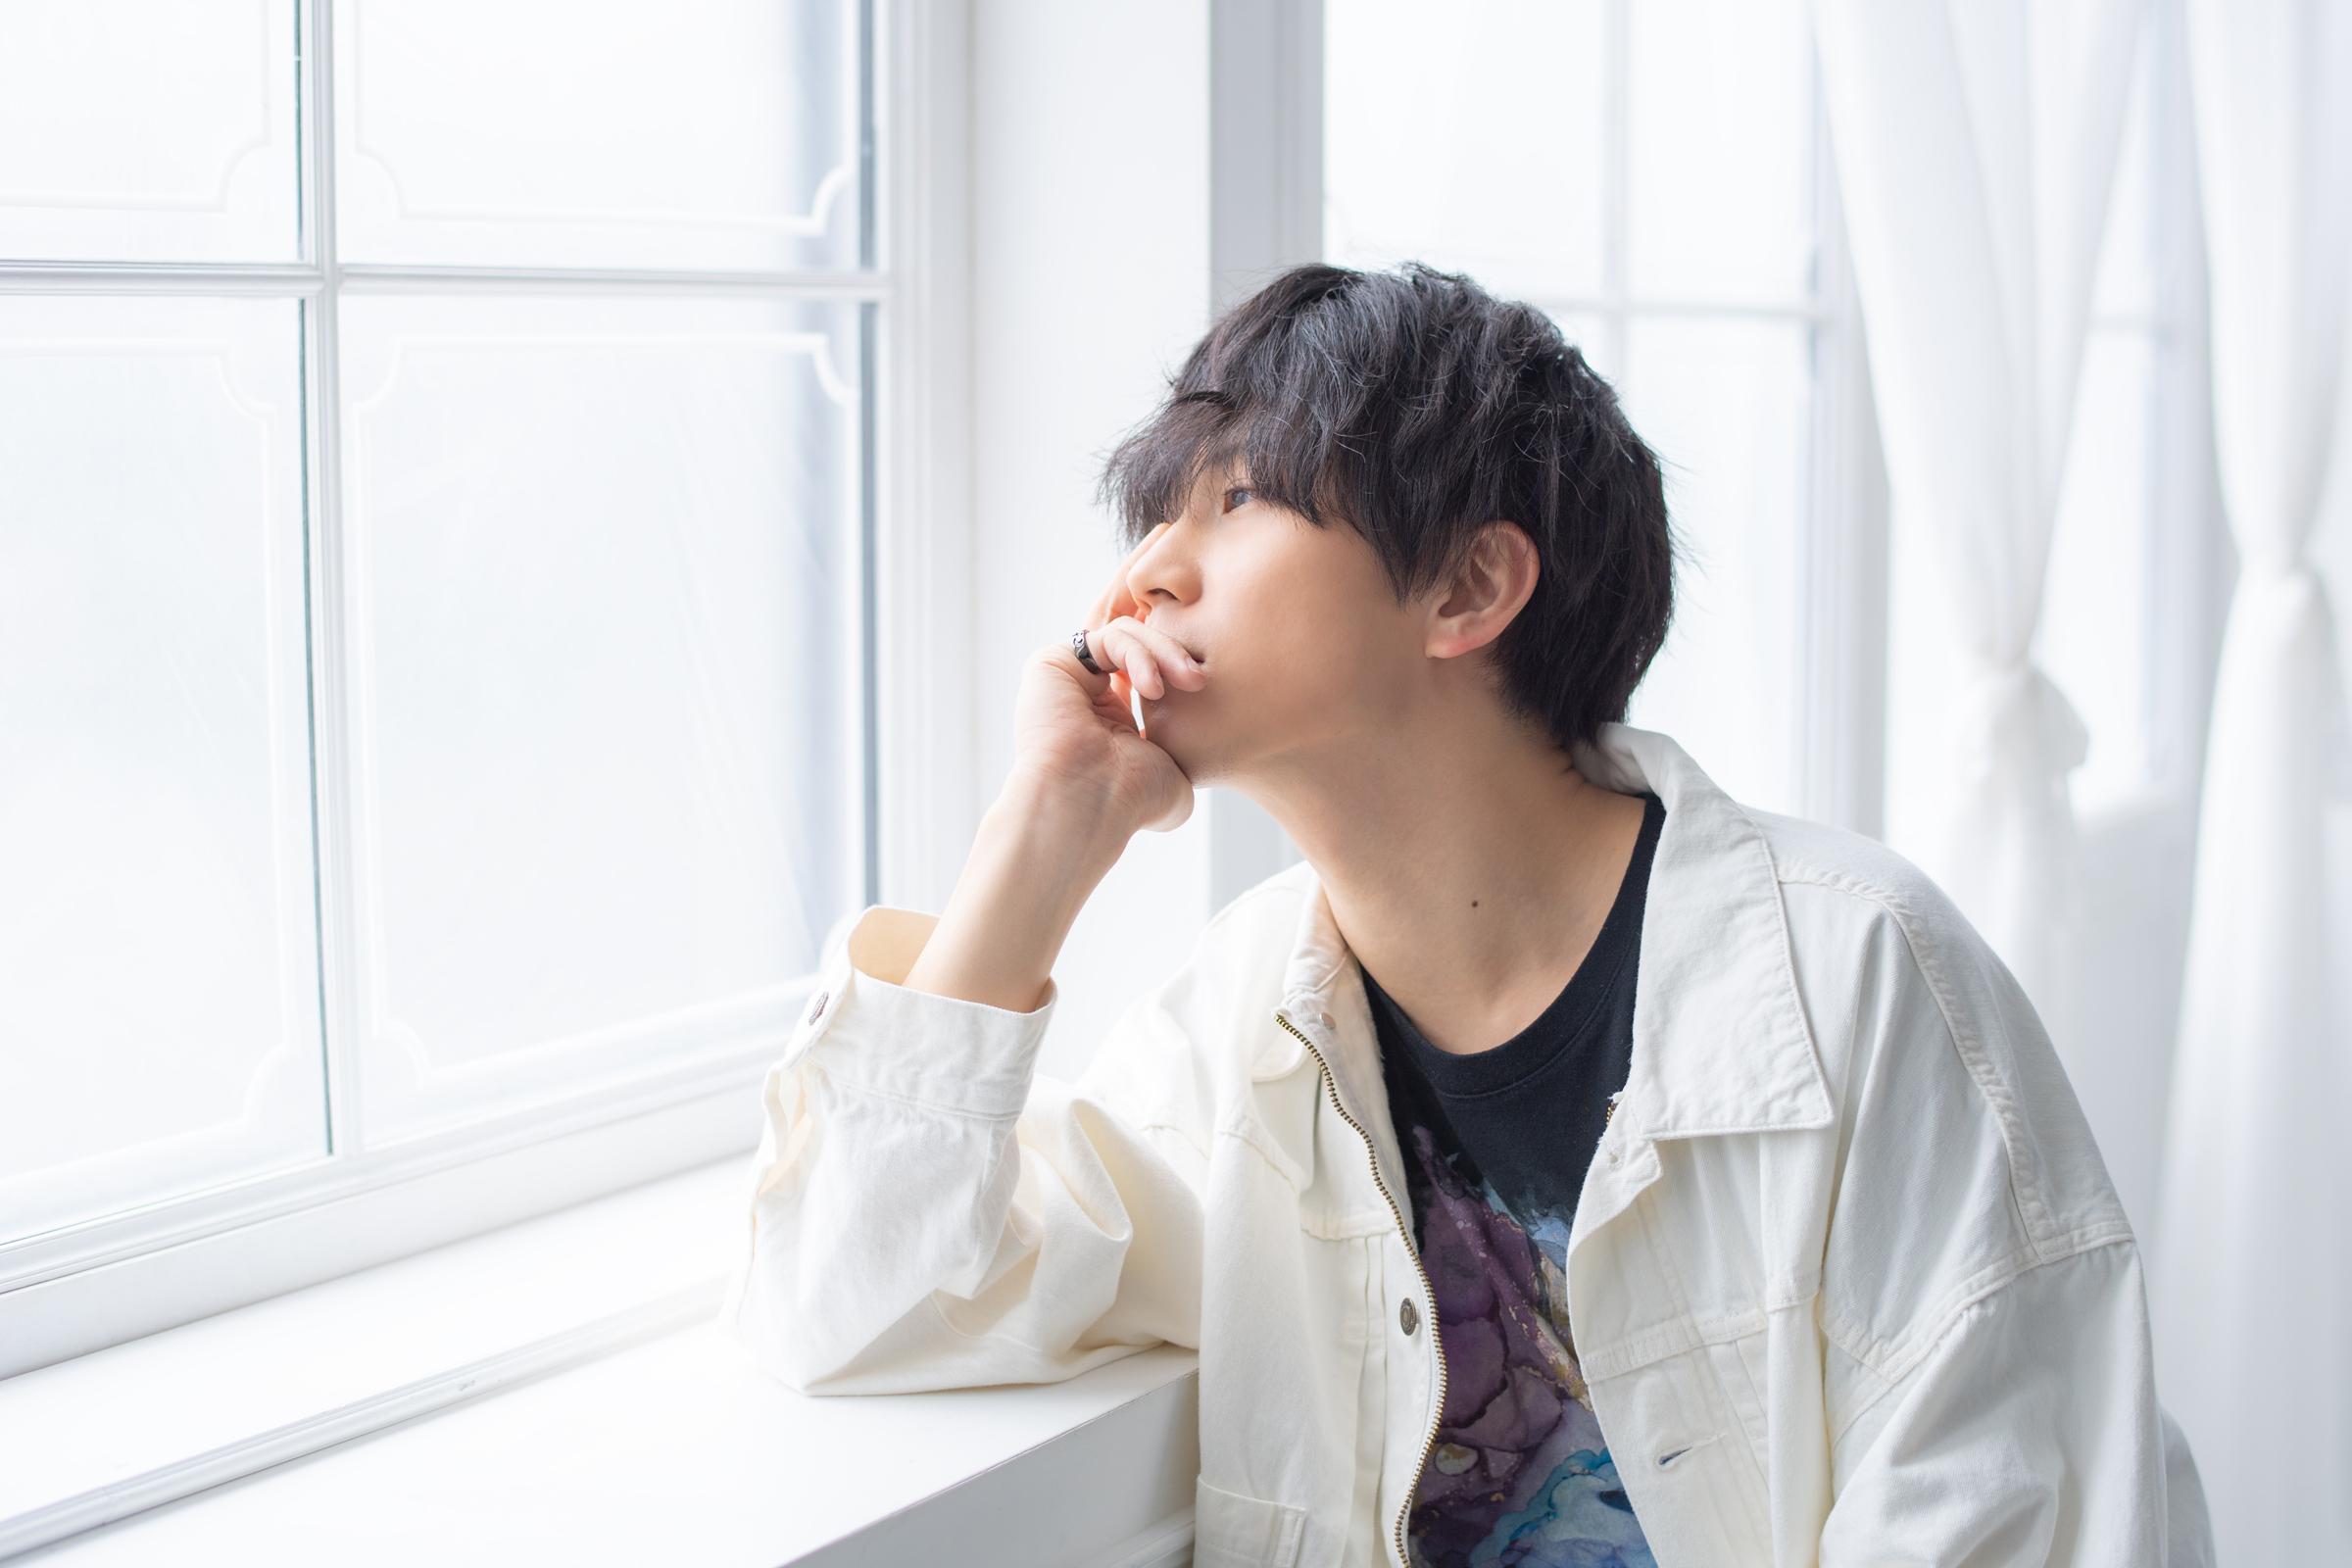 小笠原仁 Beyond The Music オフィシャルサイト